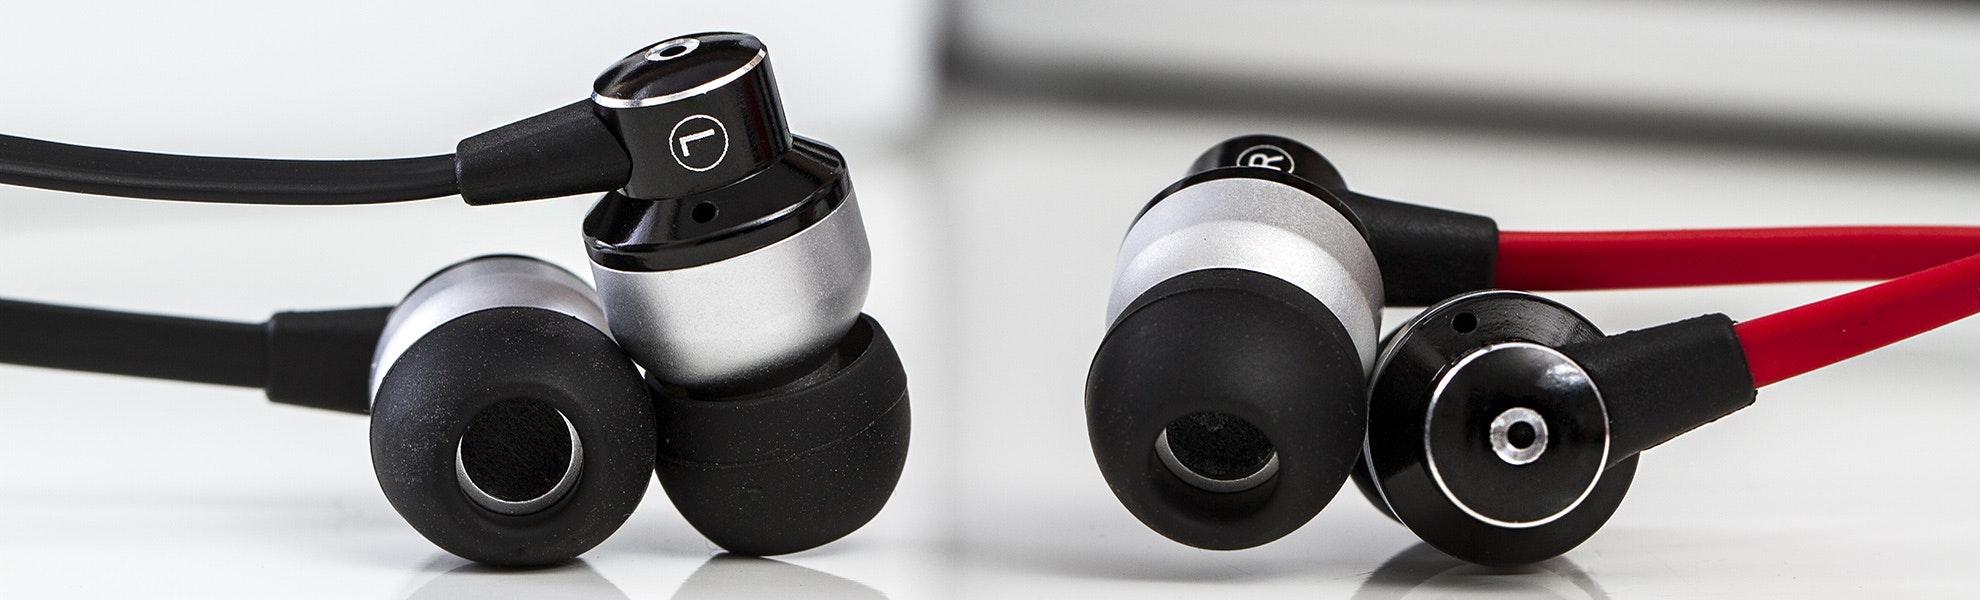 Nuforce NE-600X In Ear Monitors